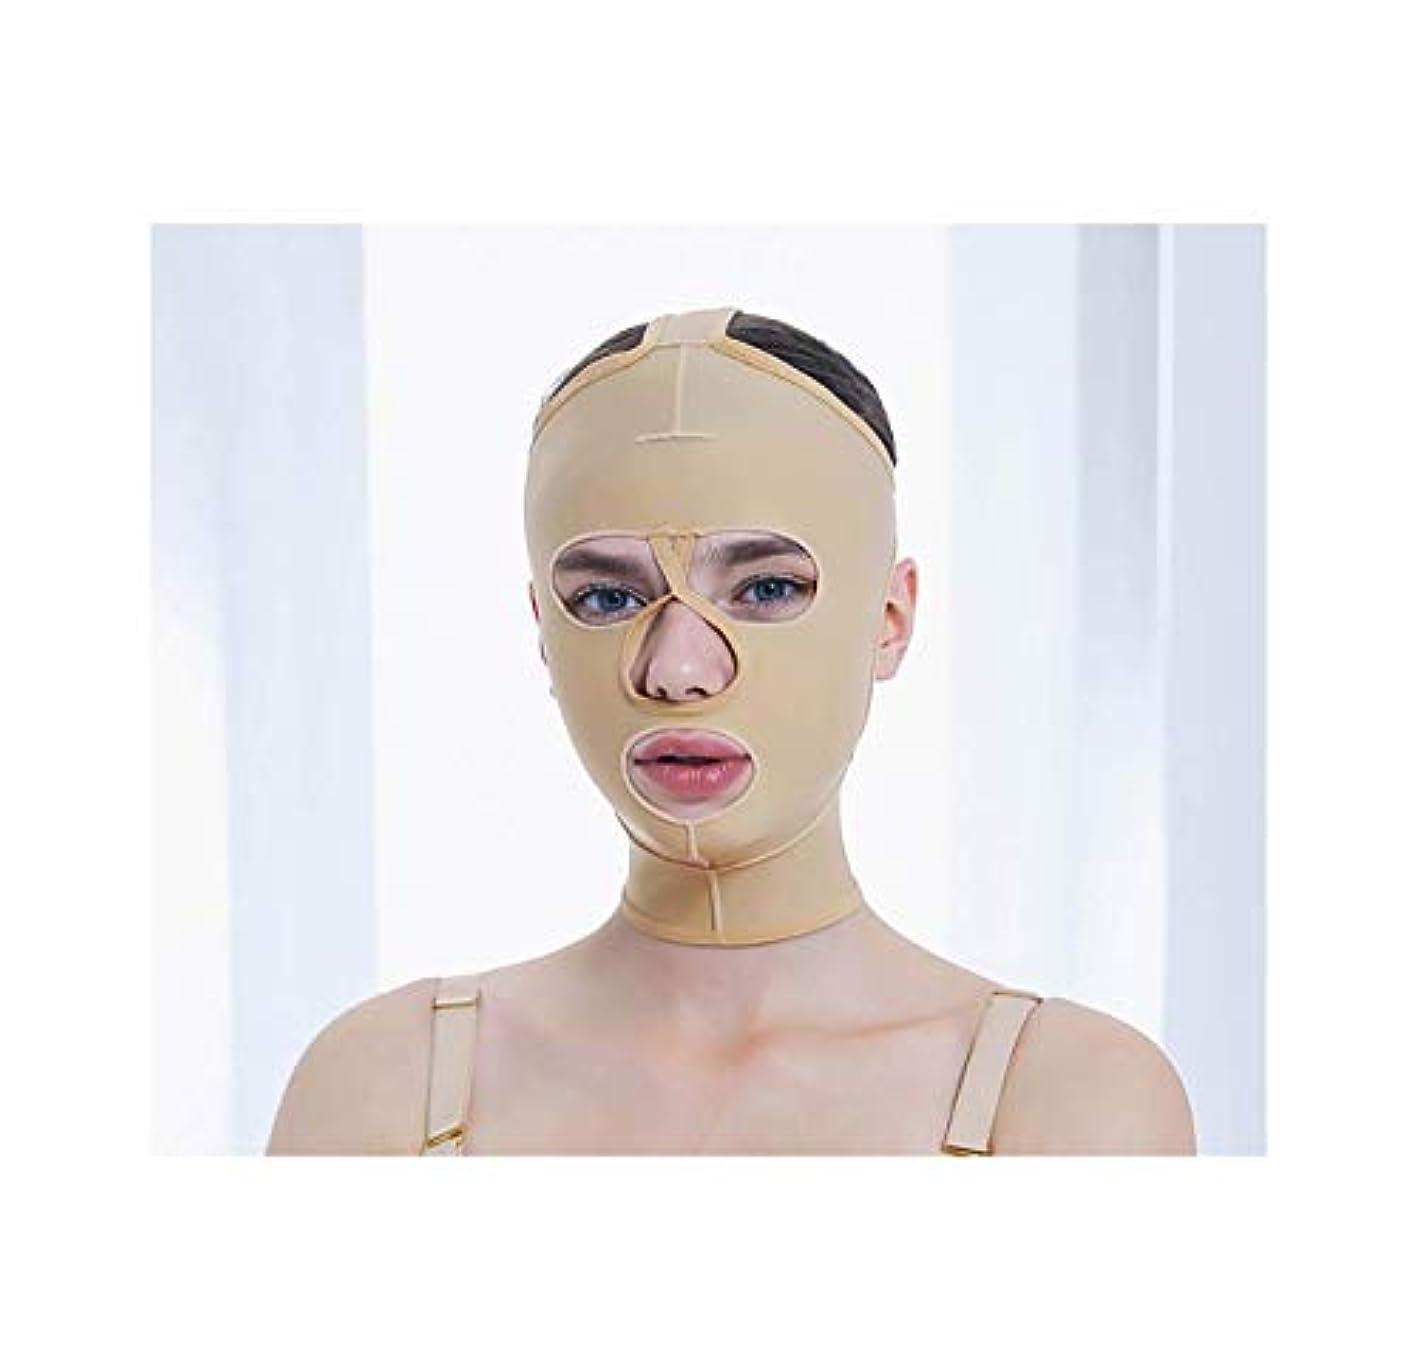 延期する上がる降伏フェイス&ネックリフト、減量フェイスマスク脂肪吸引術脂肪吸引整形マスクフードフェイスリフティングアーティファクトVフェイスビームフェイス弾性スリーブ(サイズ:XS),M